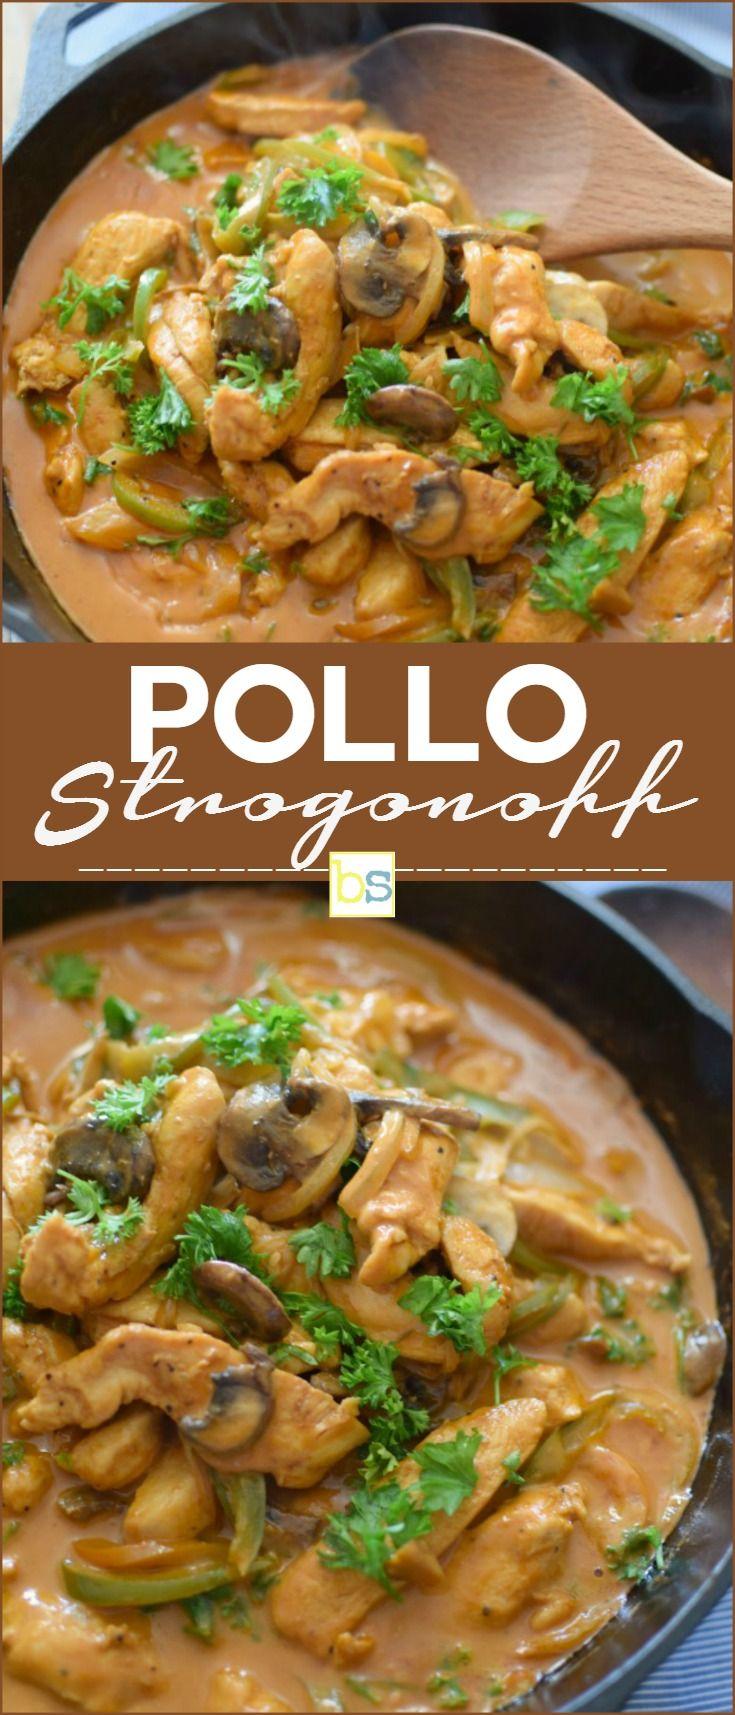 ( ^o^ )  Fácil, rápido y rico pollo strogonoff,con champiñones, pimentón, cebolla, crema de leche, pasta de tomate, perejil para decorar. En bizcochosysancochos